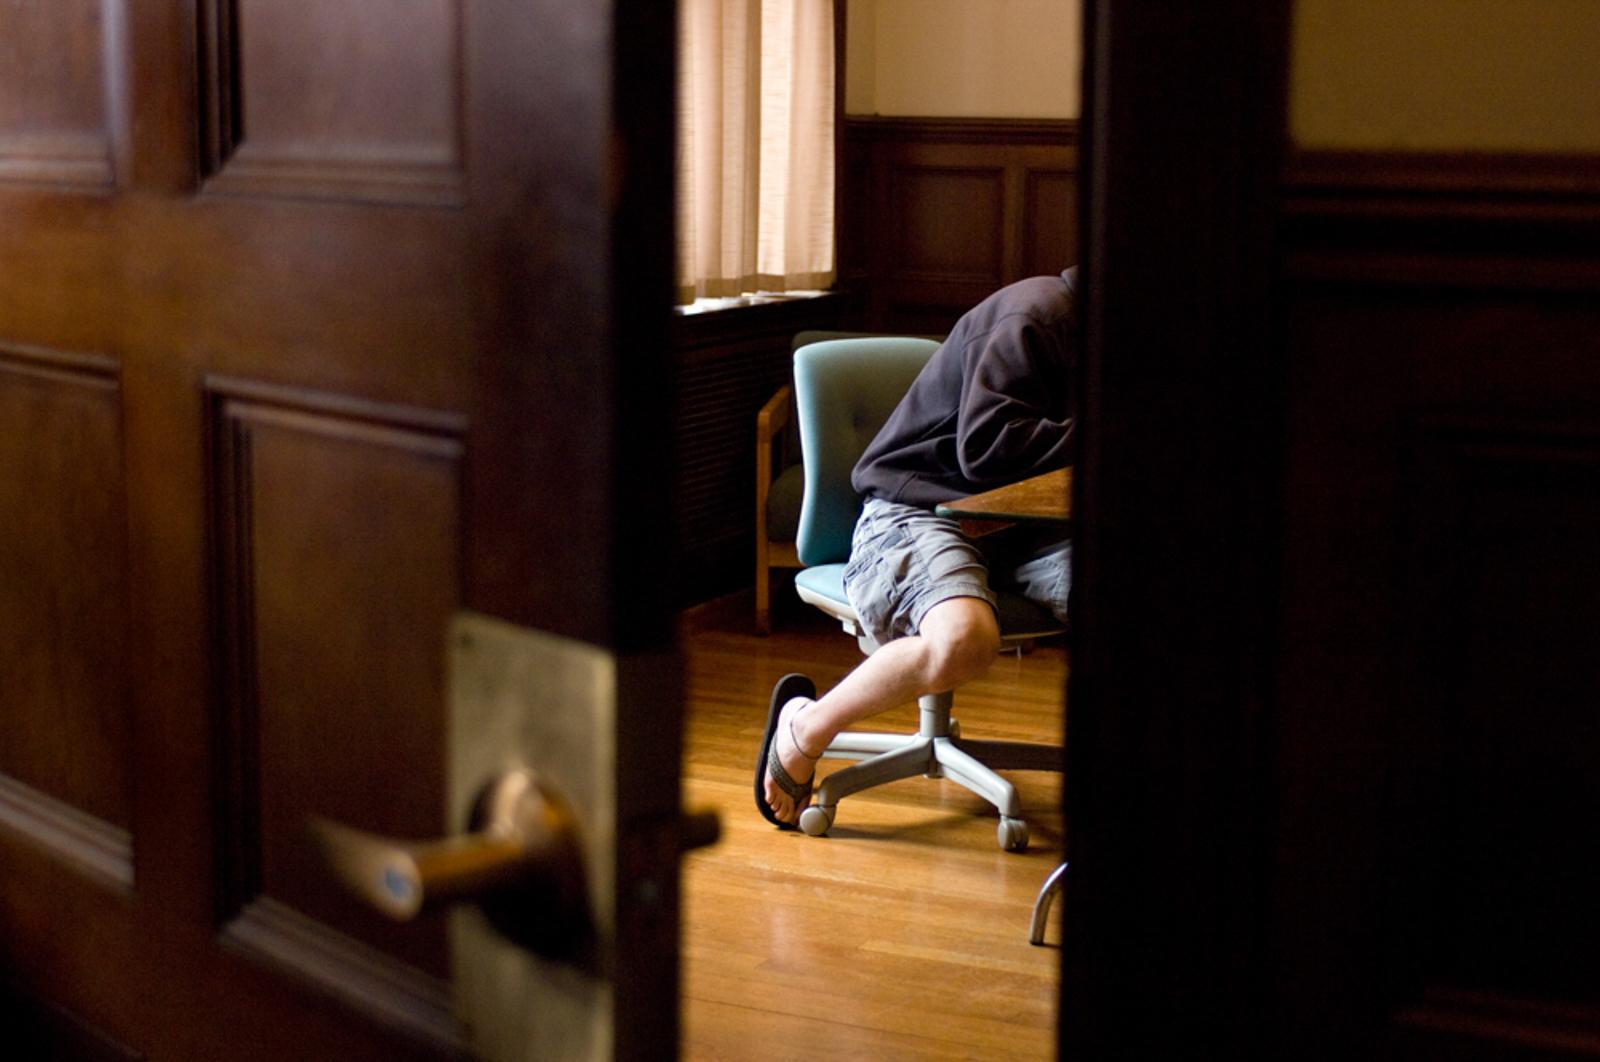 Student working in room seen through an open door, wearing flip flops